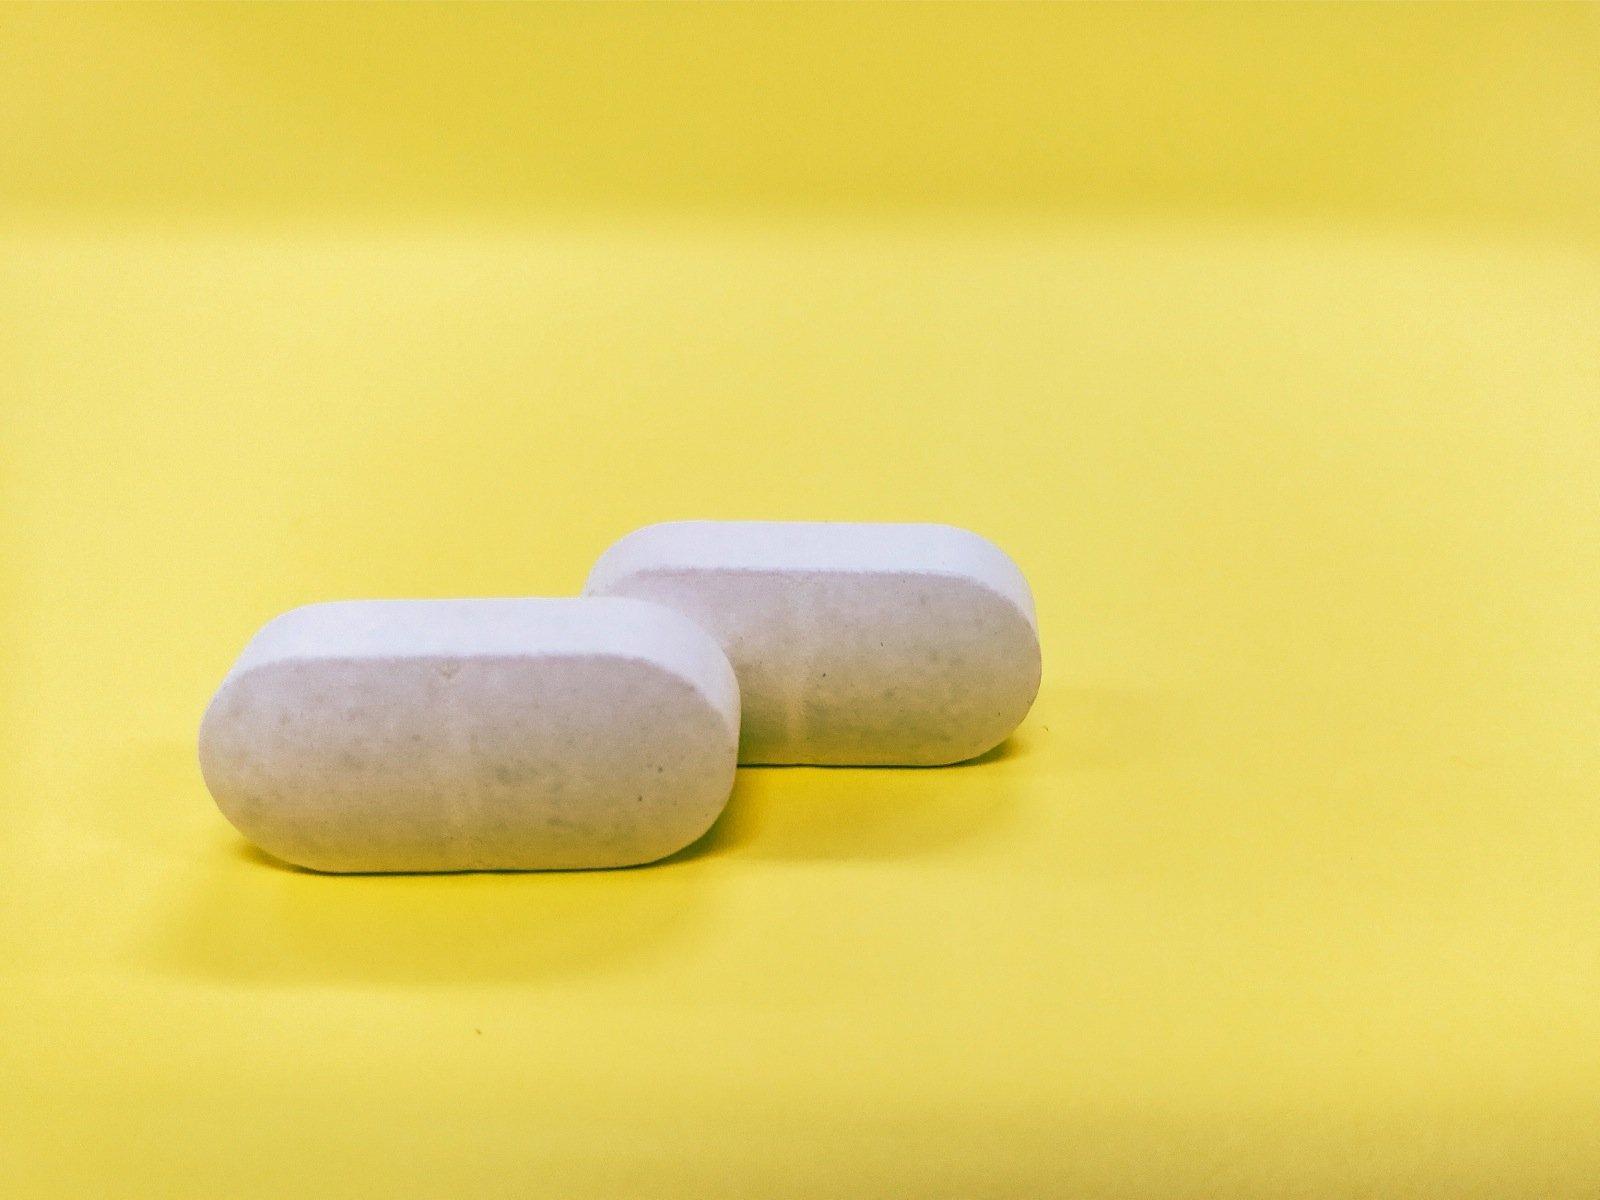 Detsembri algul teatas Takeda Pharma AS ravimi Pamol 500 mg õhukese polümeerikattega tablettide (toimeaine paratsetamool) kõigi pakendisuuruste turustamise lõpe